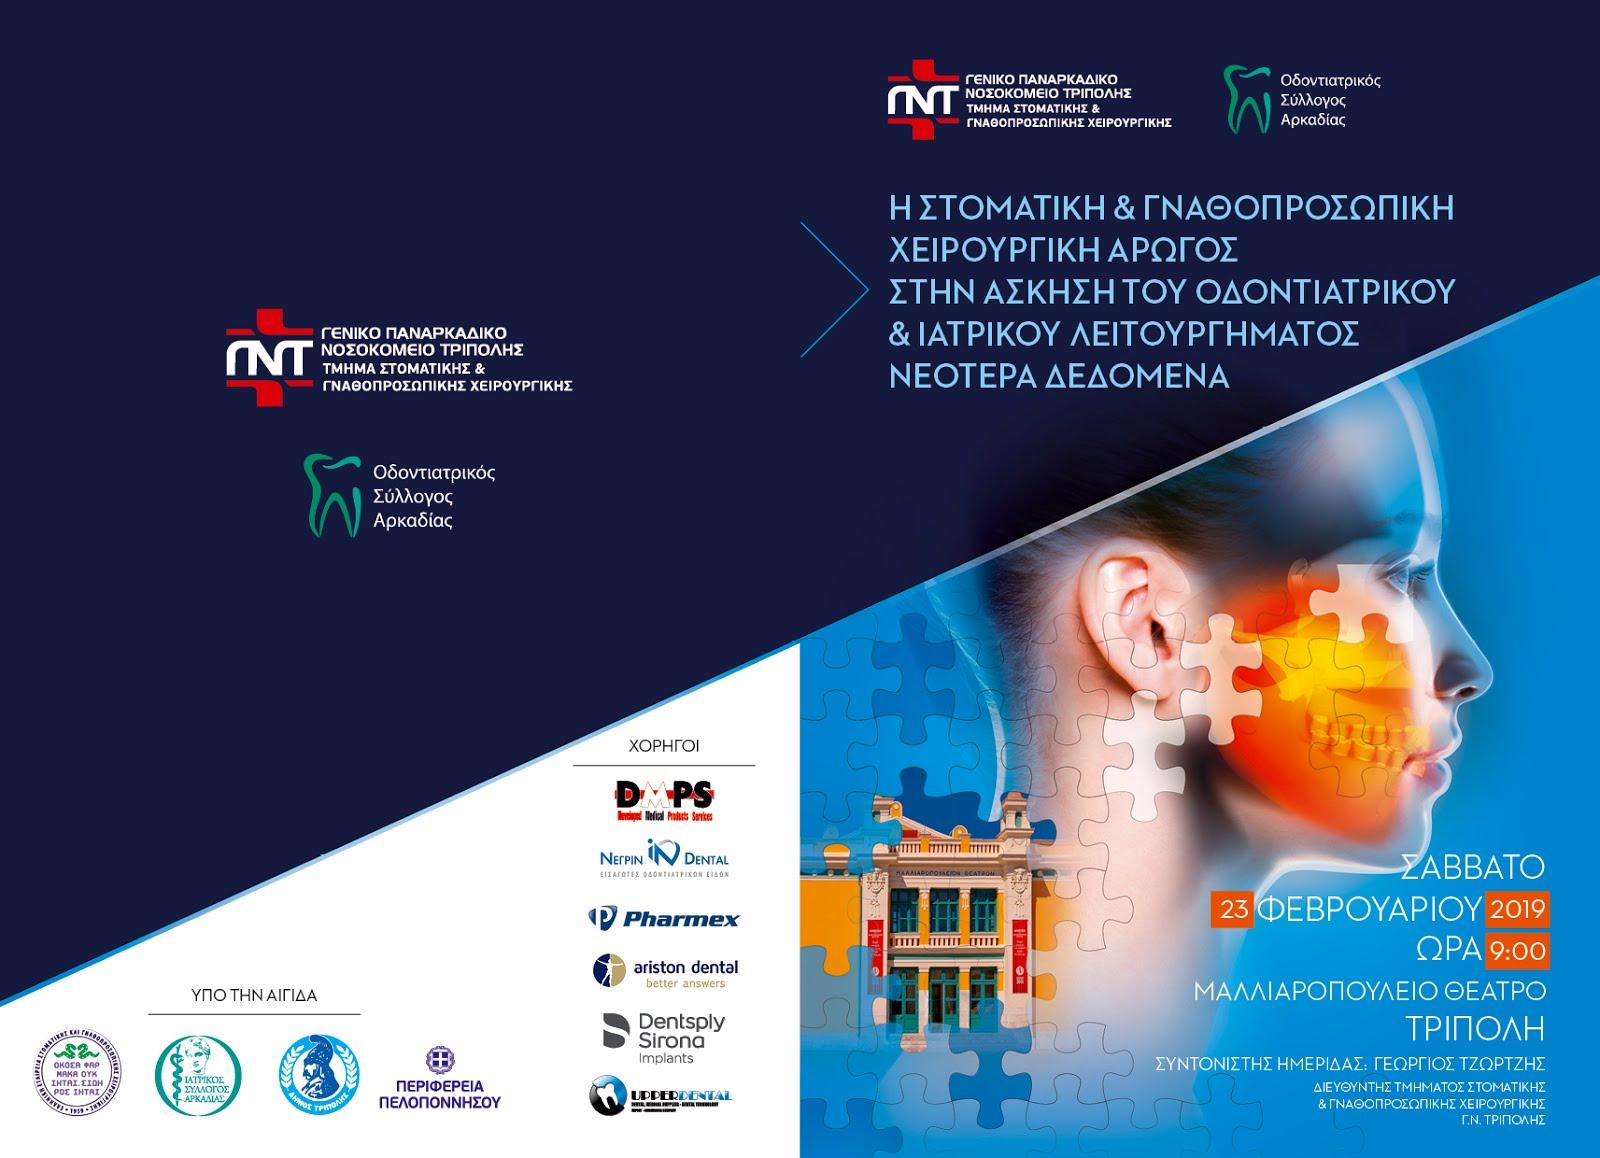 Διοργάνωση ημερίδας από το Τμήμα Στοματικής και Γναθοπροσωπικής Χειρουργικής του ΓΝ Τρίπολης